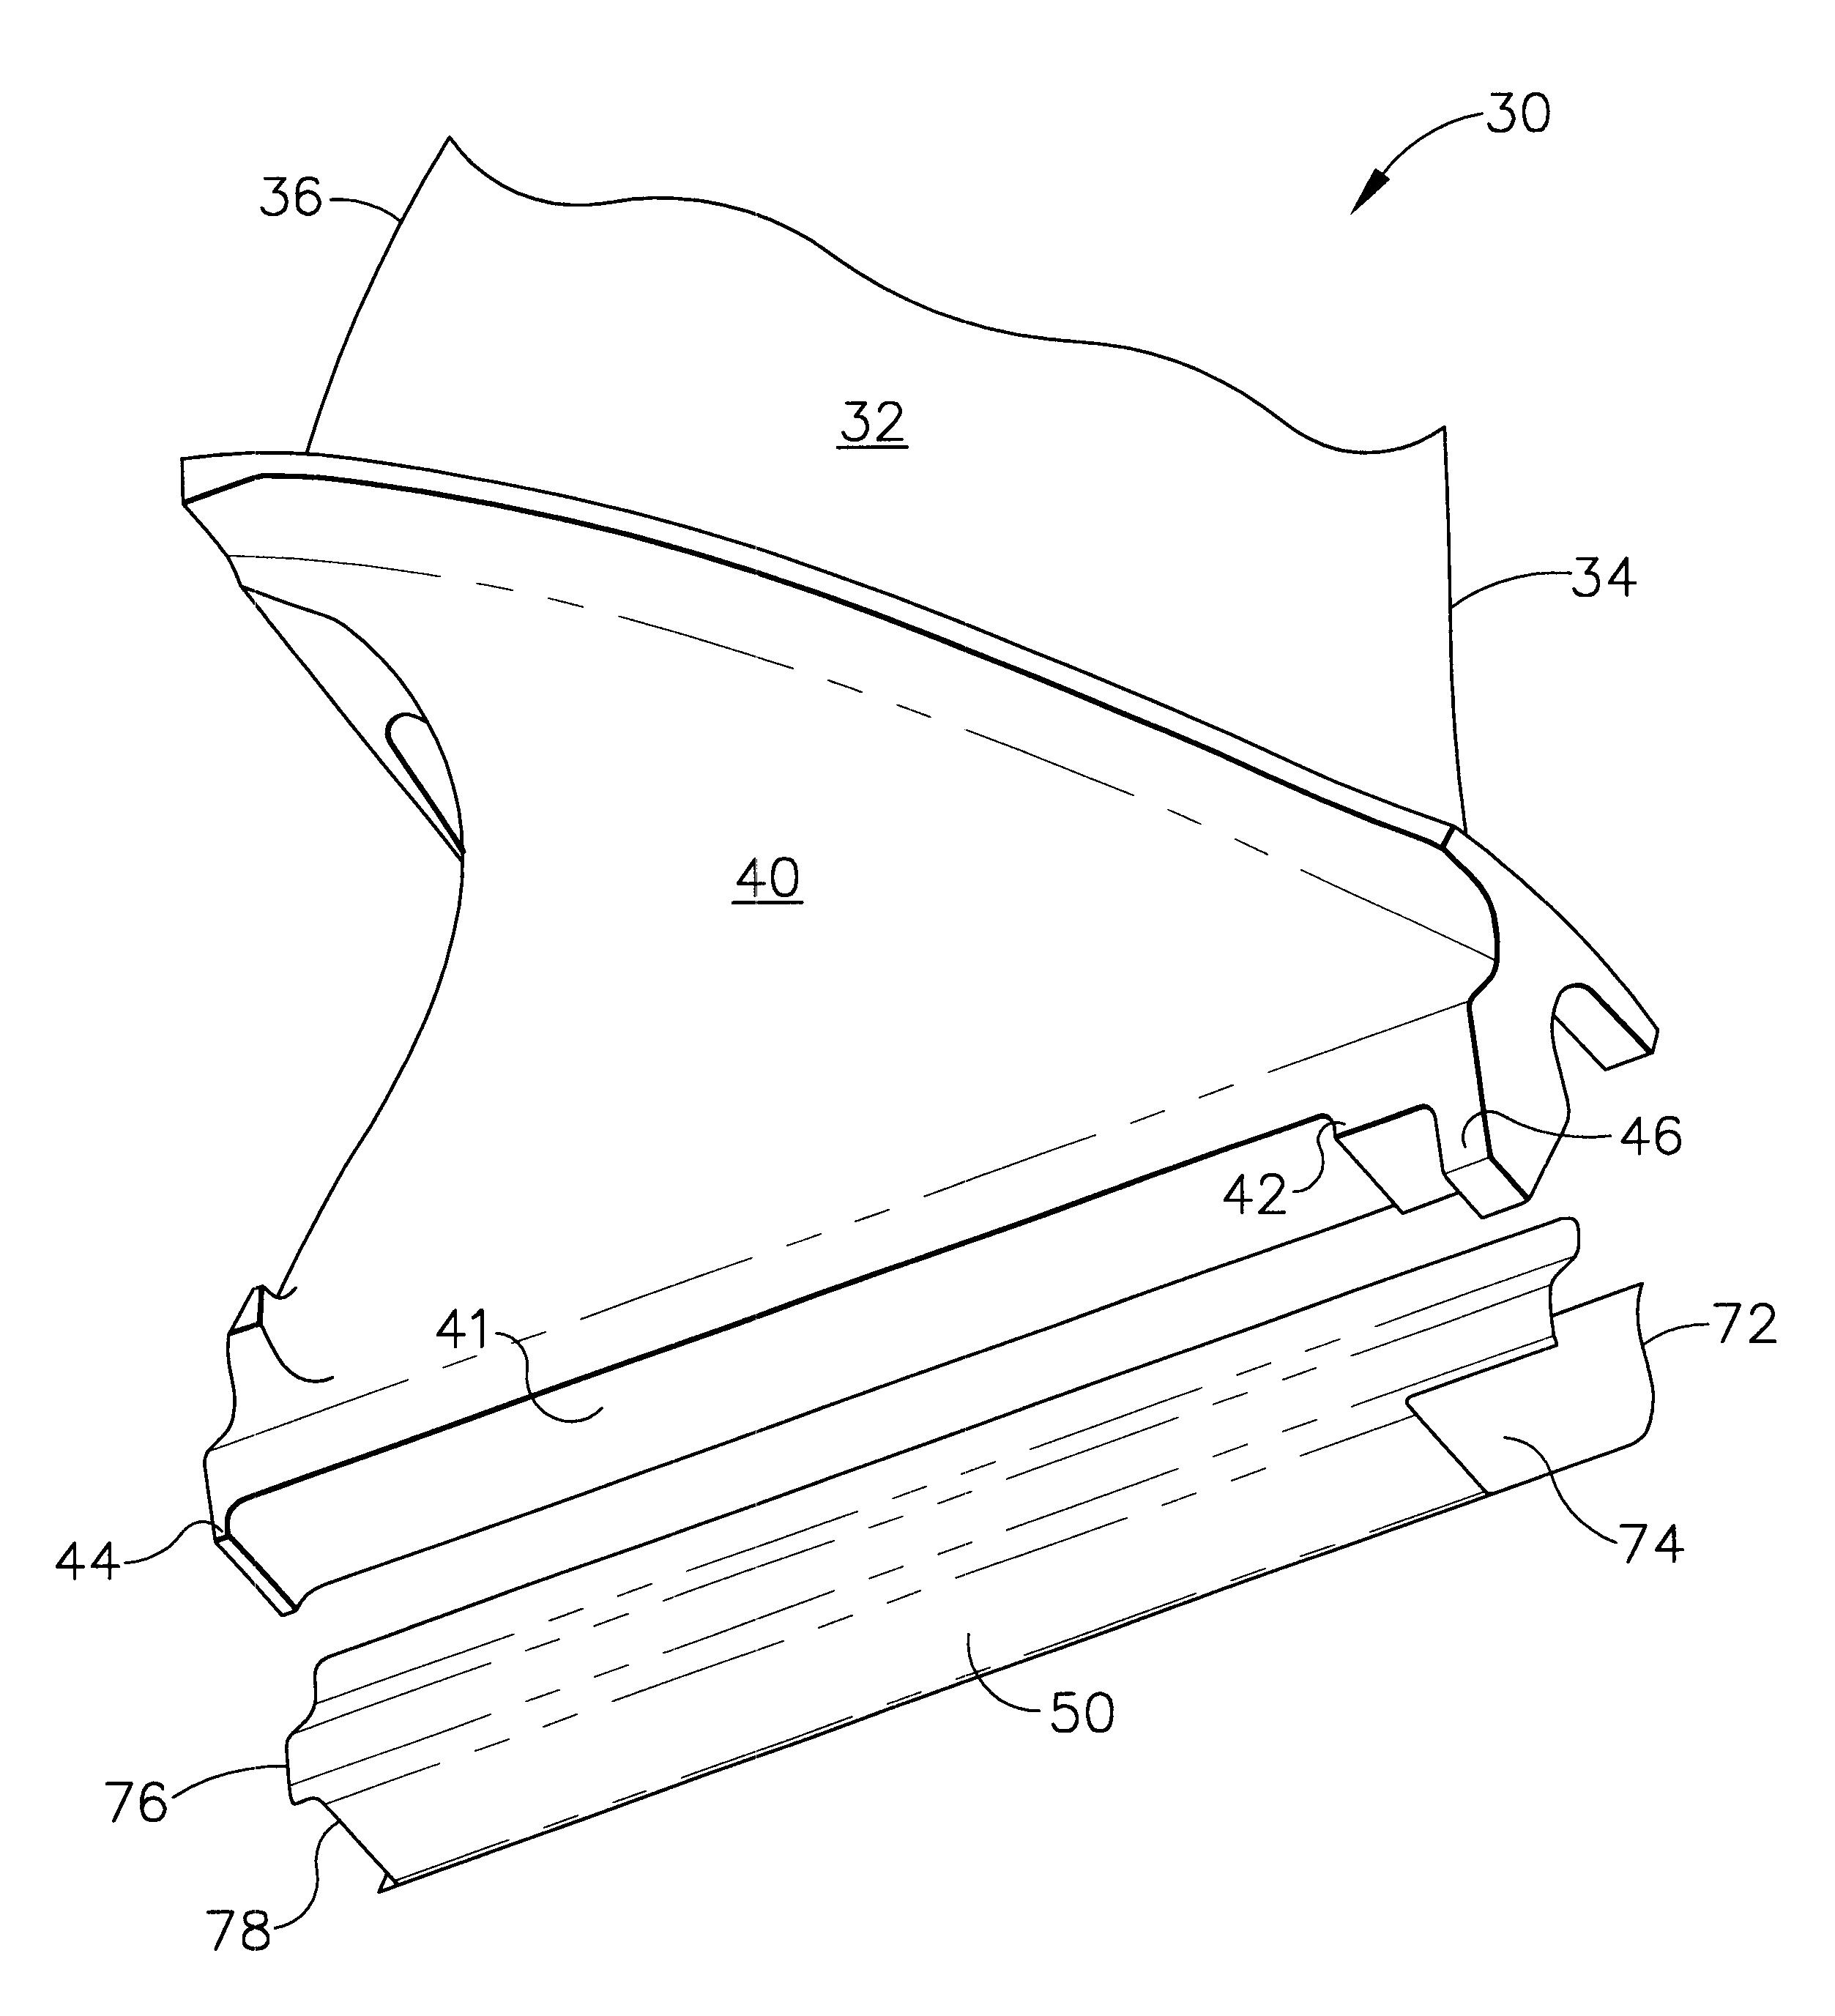 brevet us6431835 - fan blade compliant shim